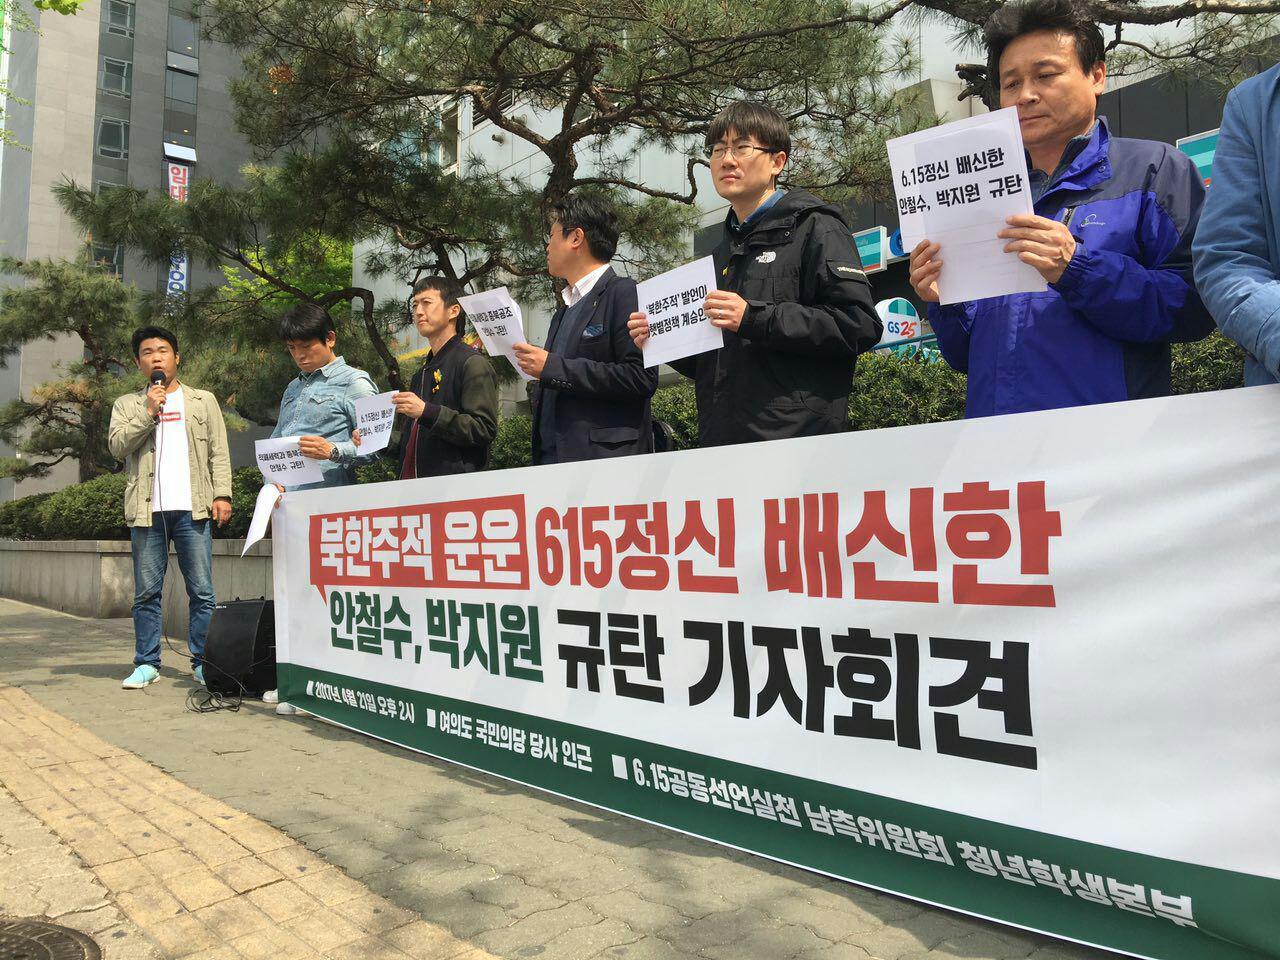 6.15청학본부은 21일 안철수 후보와 박지원 대표 규탄 기자회견을 진행했다.